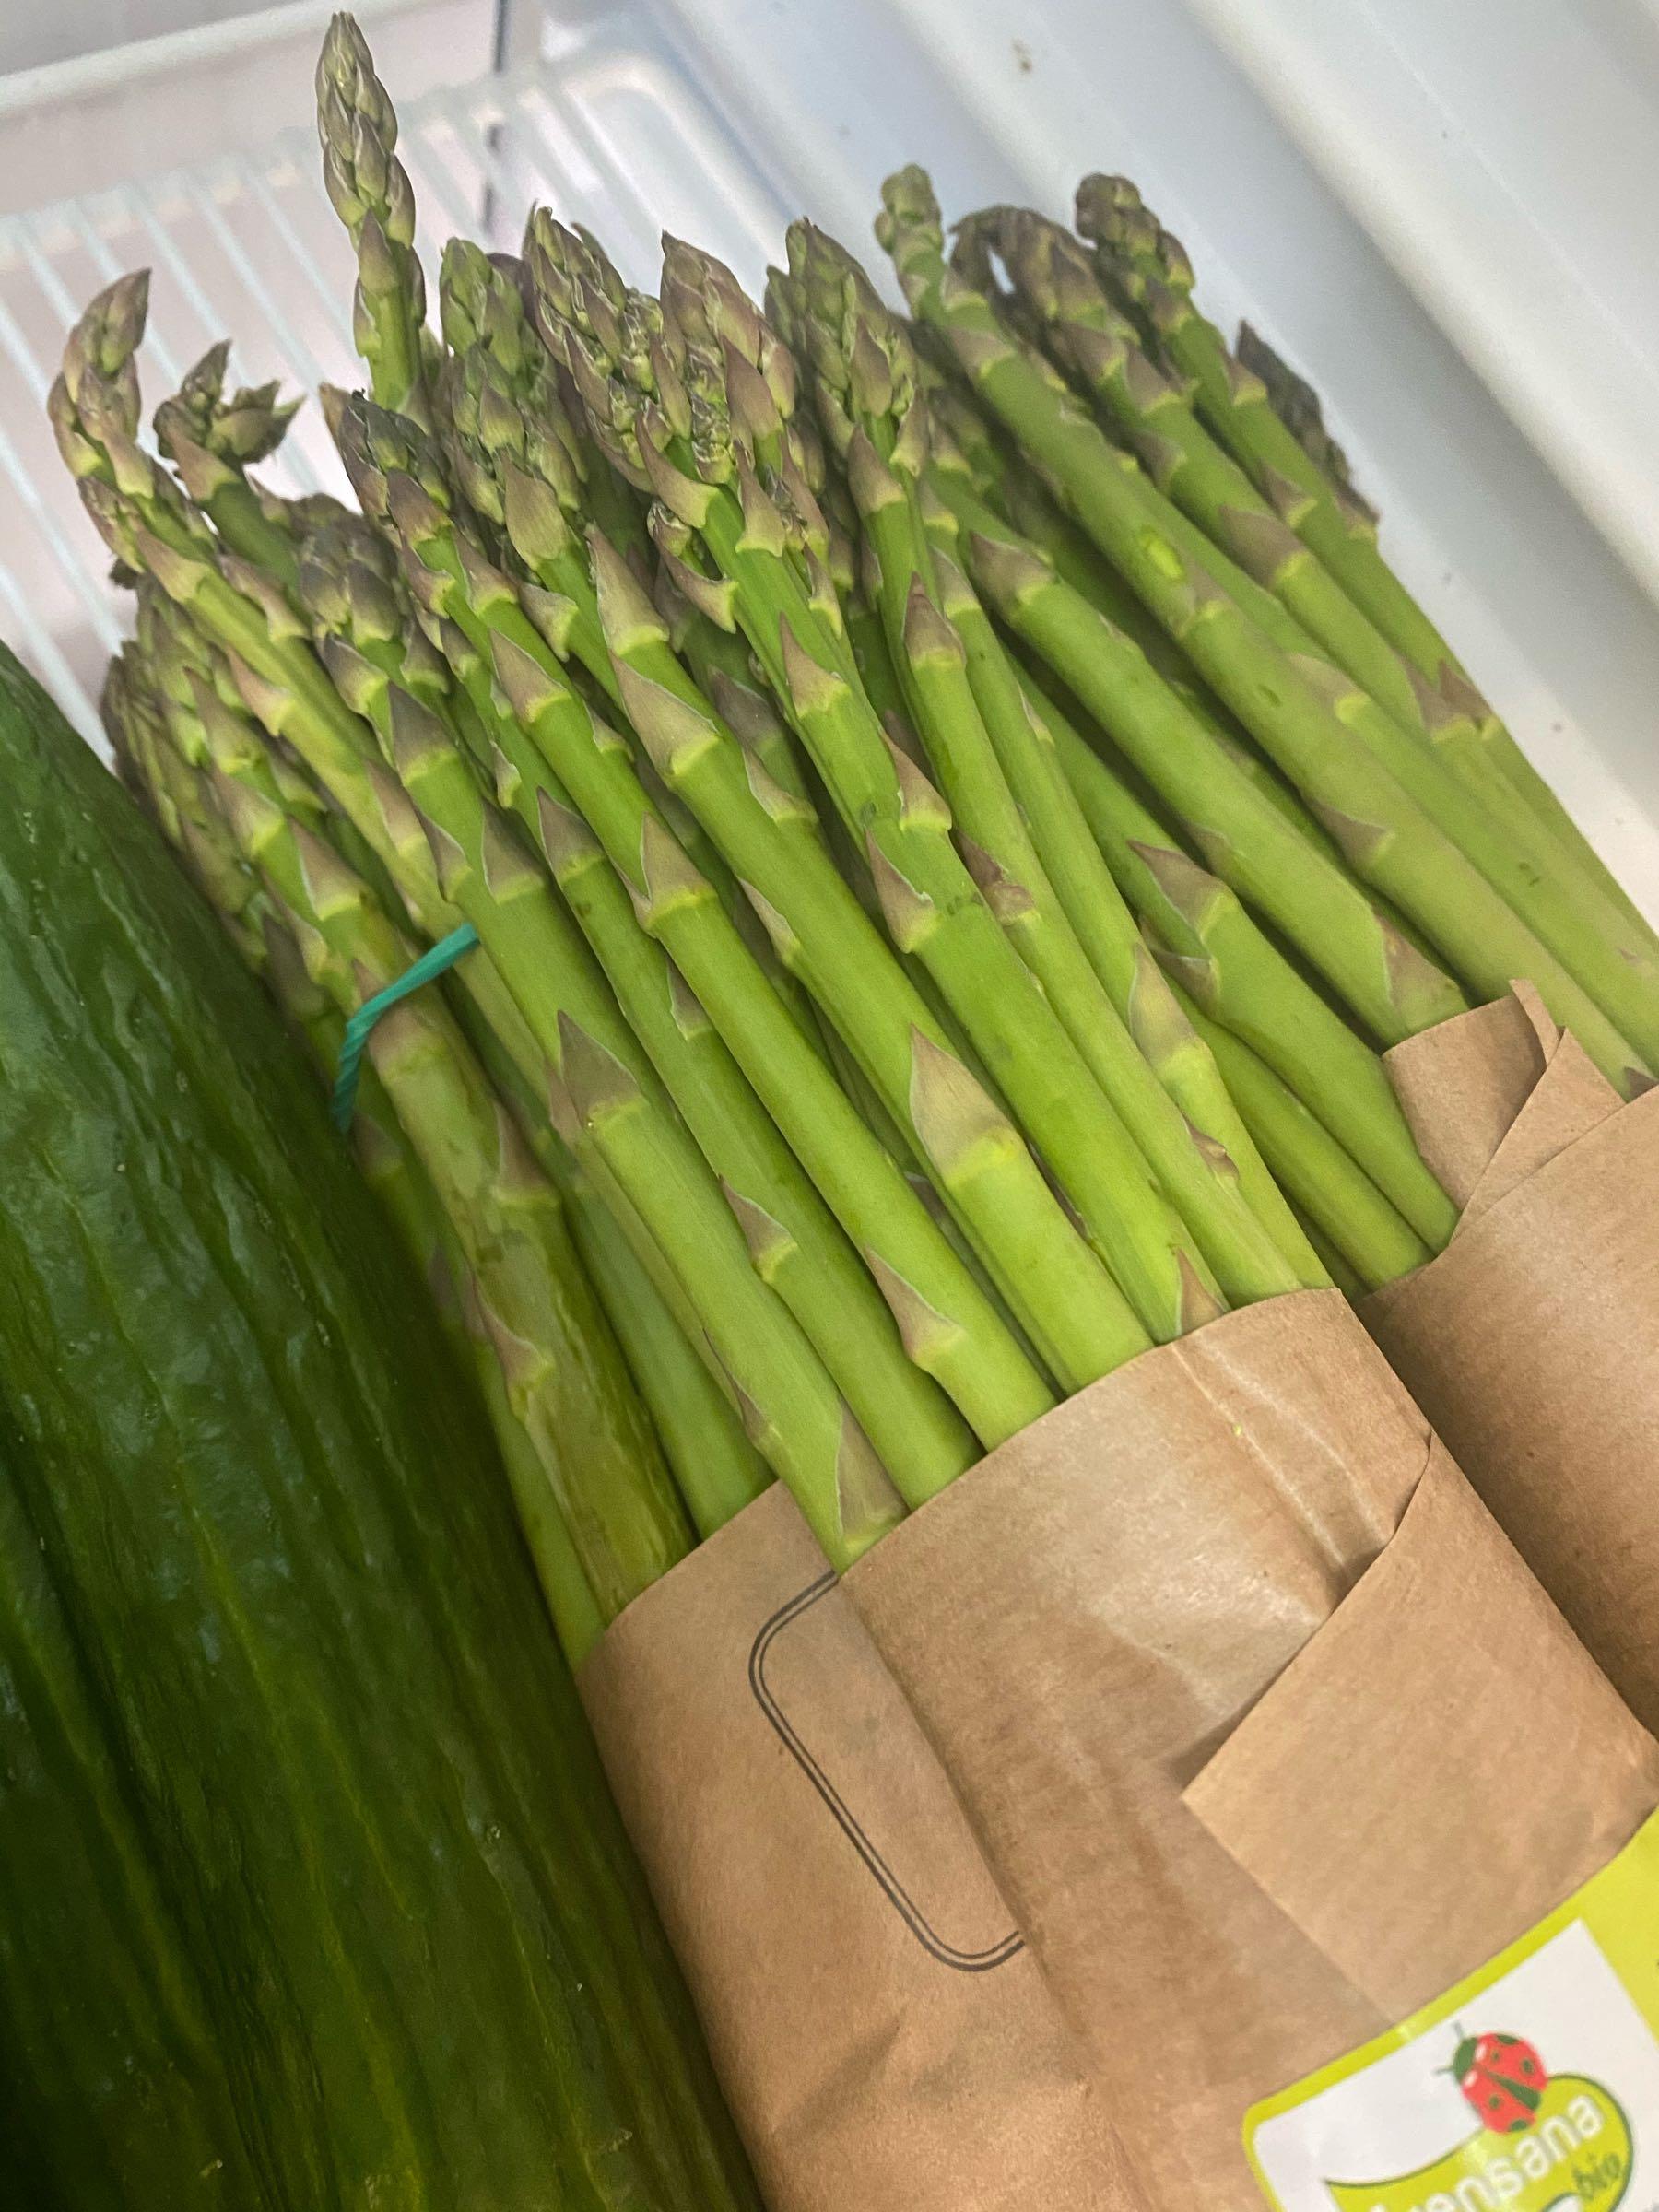 Organic Asparagus - UK